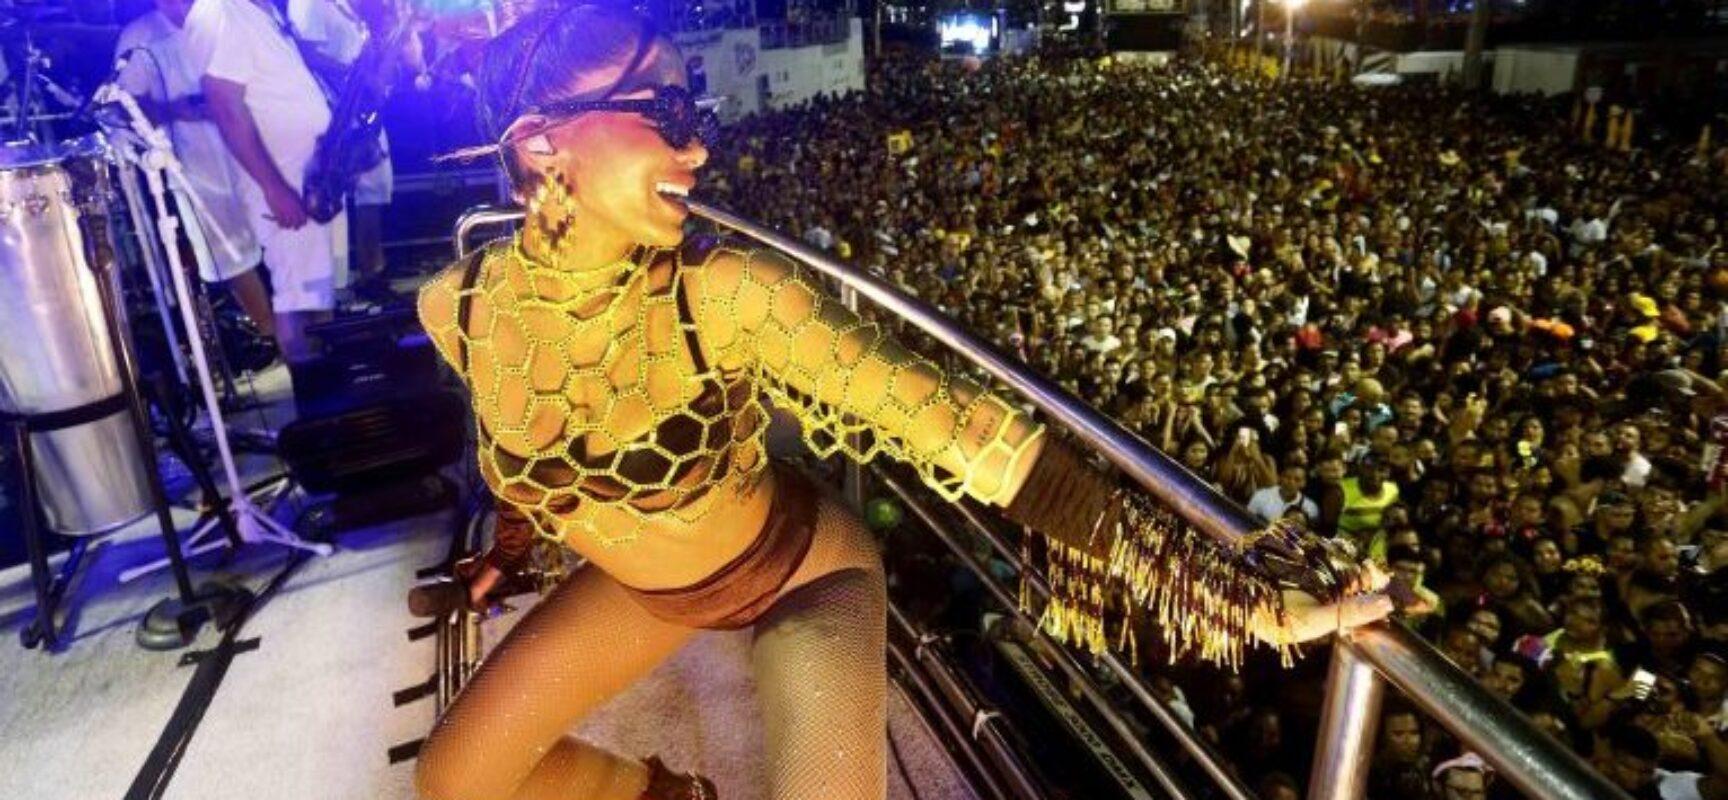 Produtores musicais pedem mais reconhecimento do funk na cultura brasileira